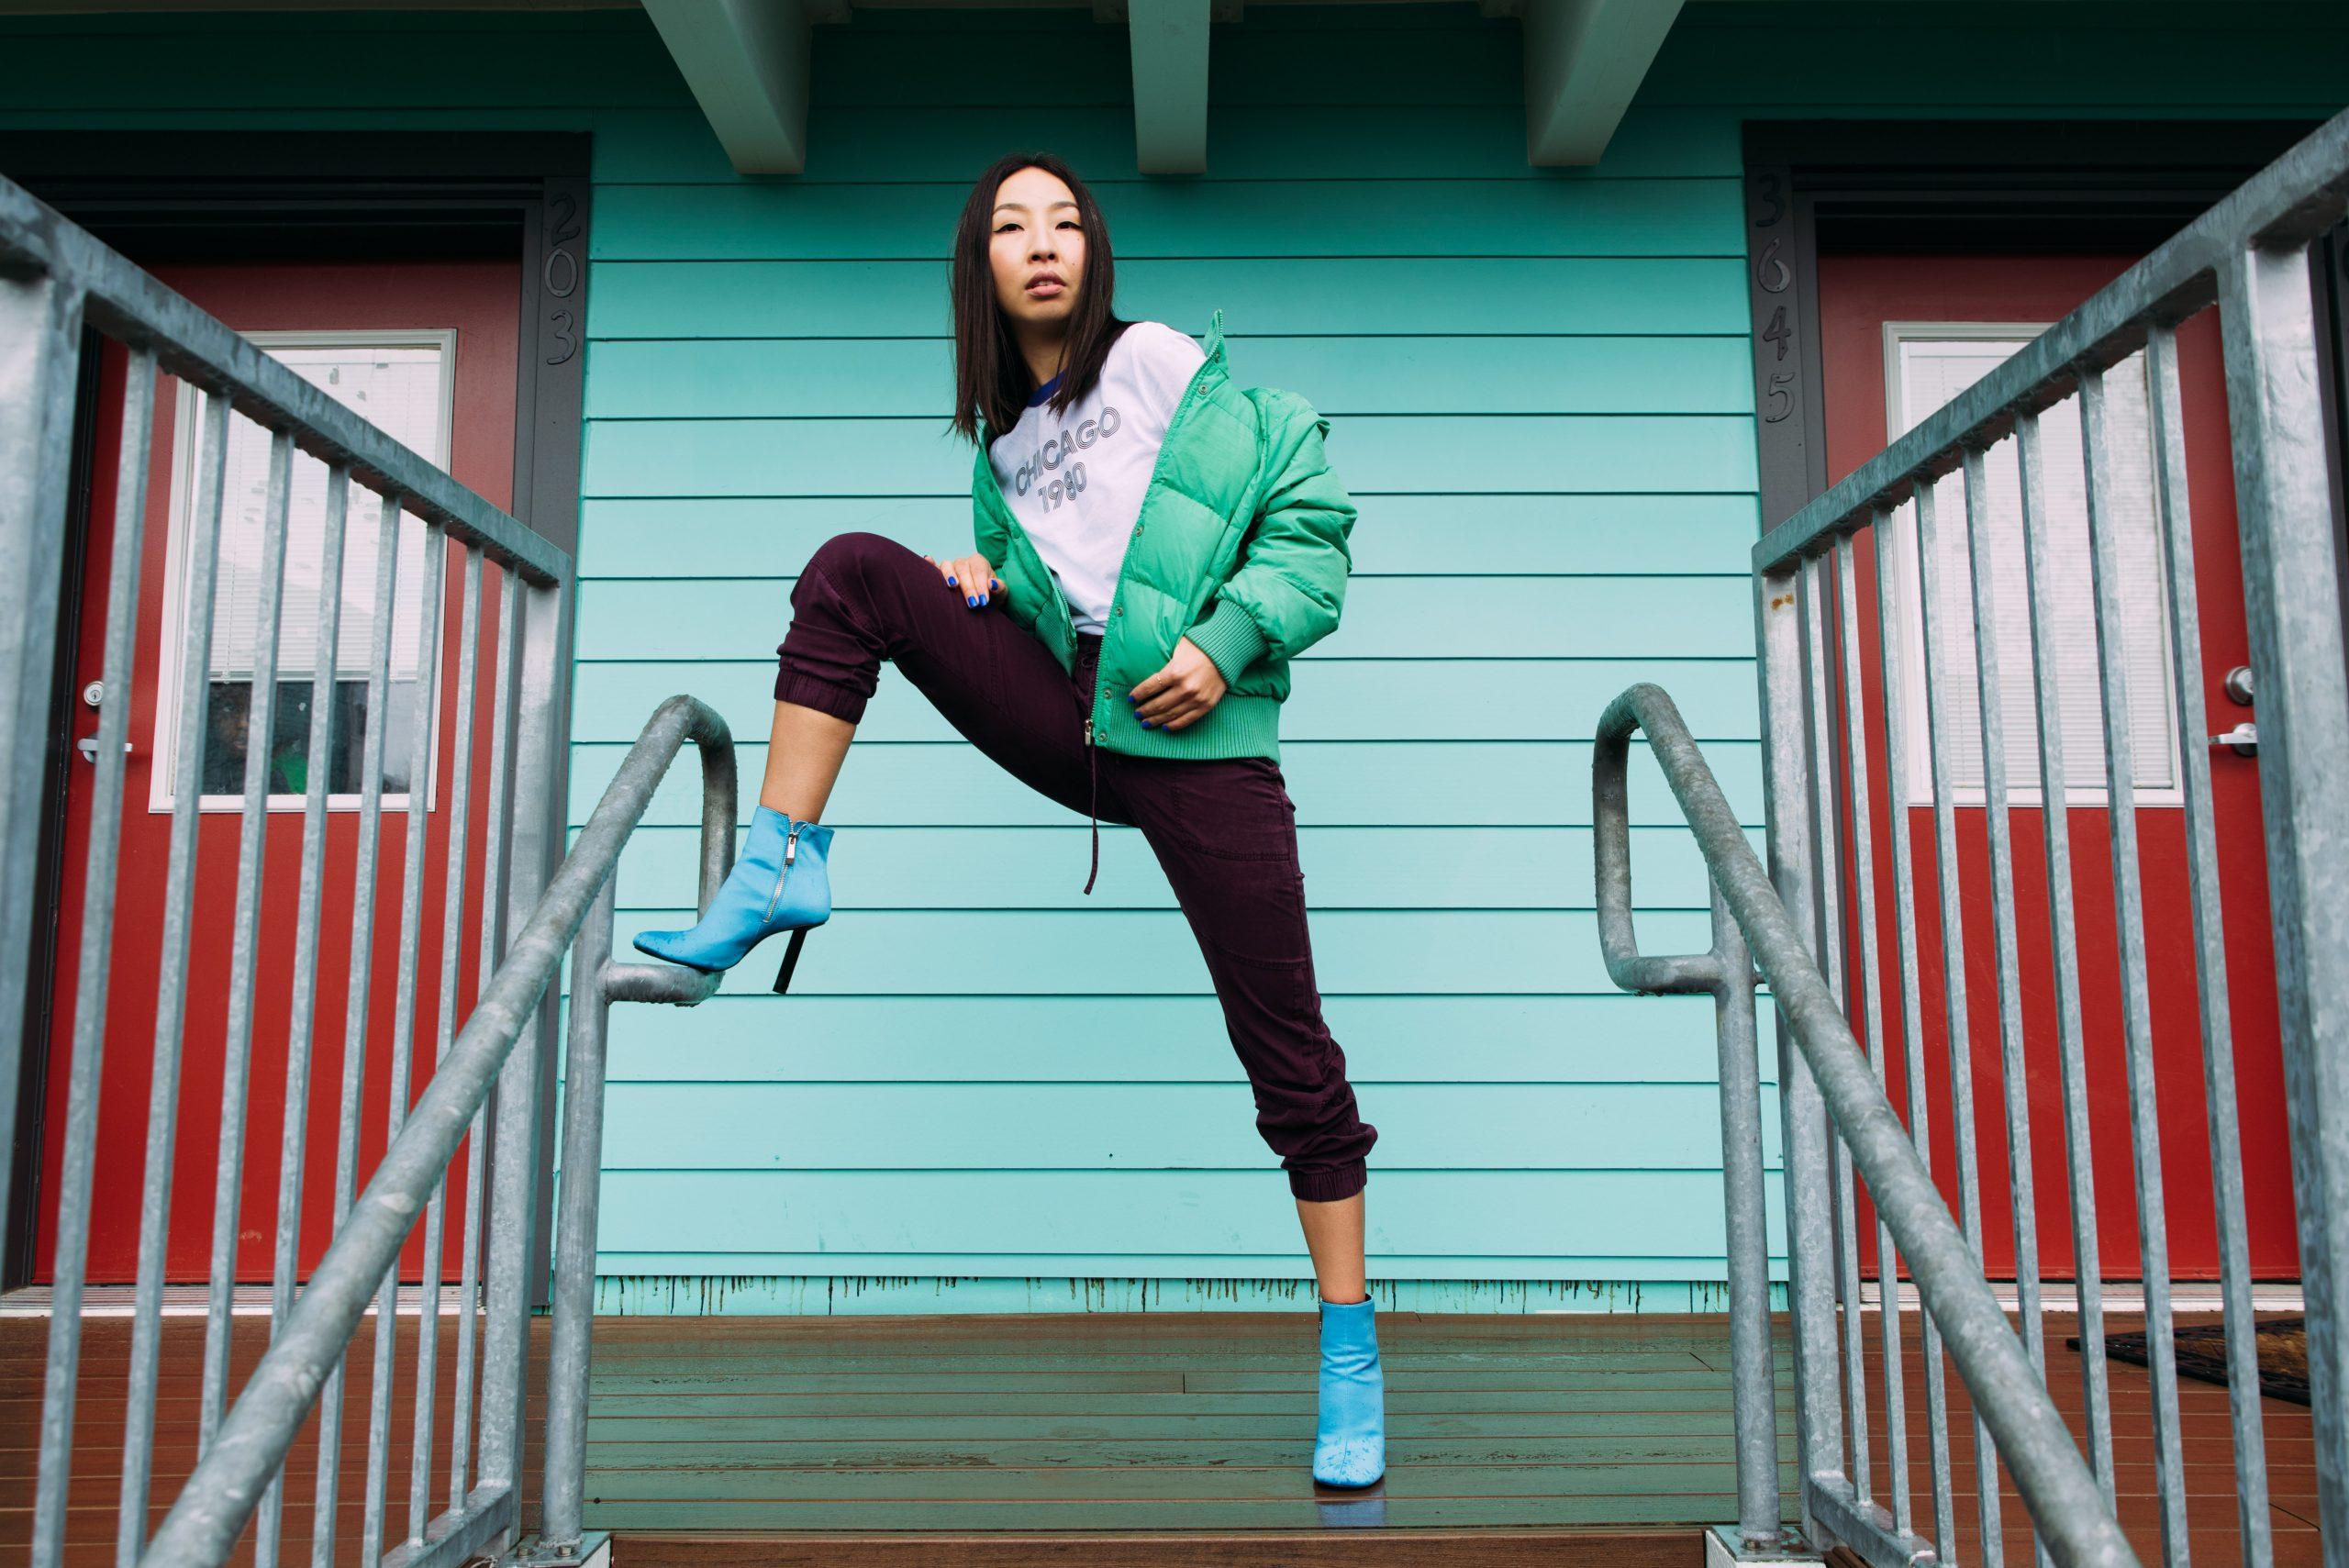 Woman wearing green jacket